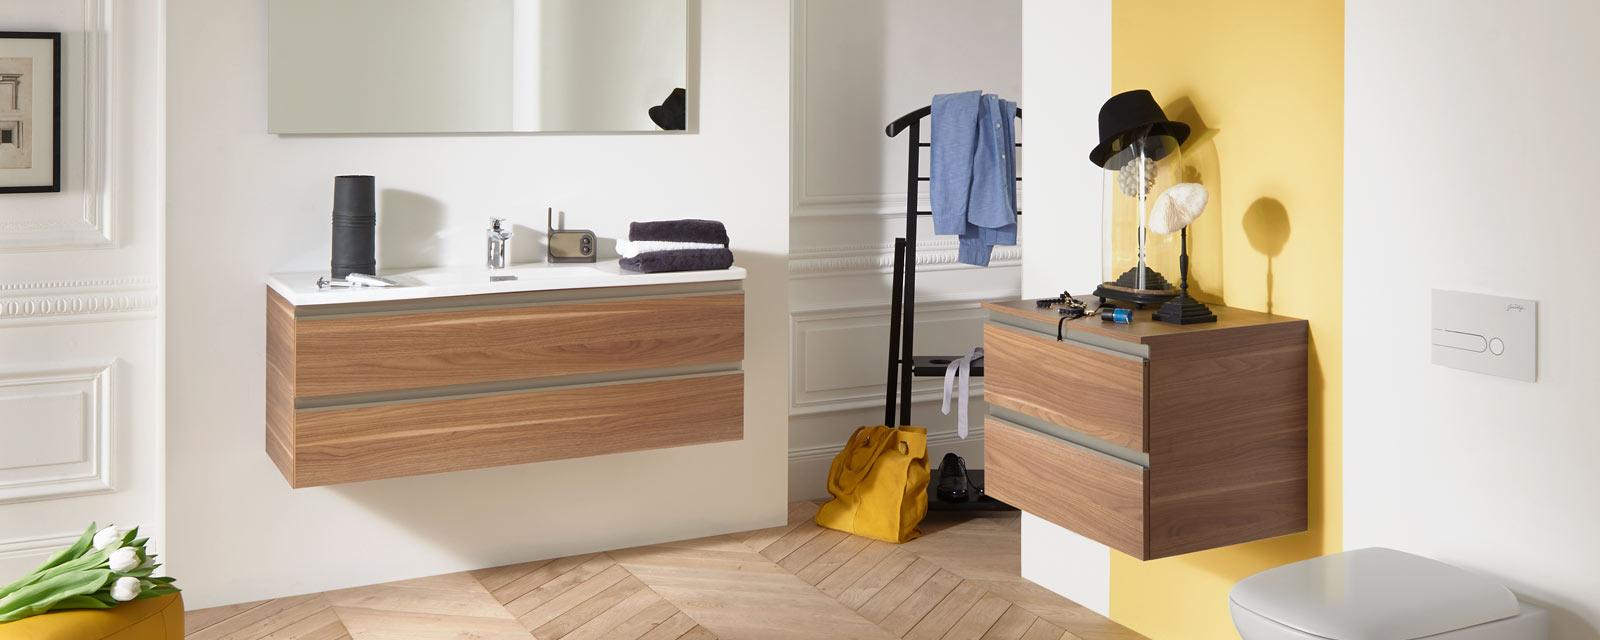 Fabriquer Un Petit Pont De Bois tout savoir sur le bois dans la salle de bain | guide artisan